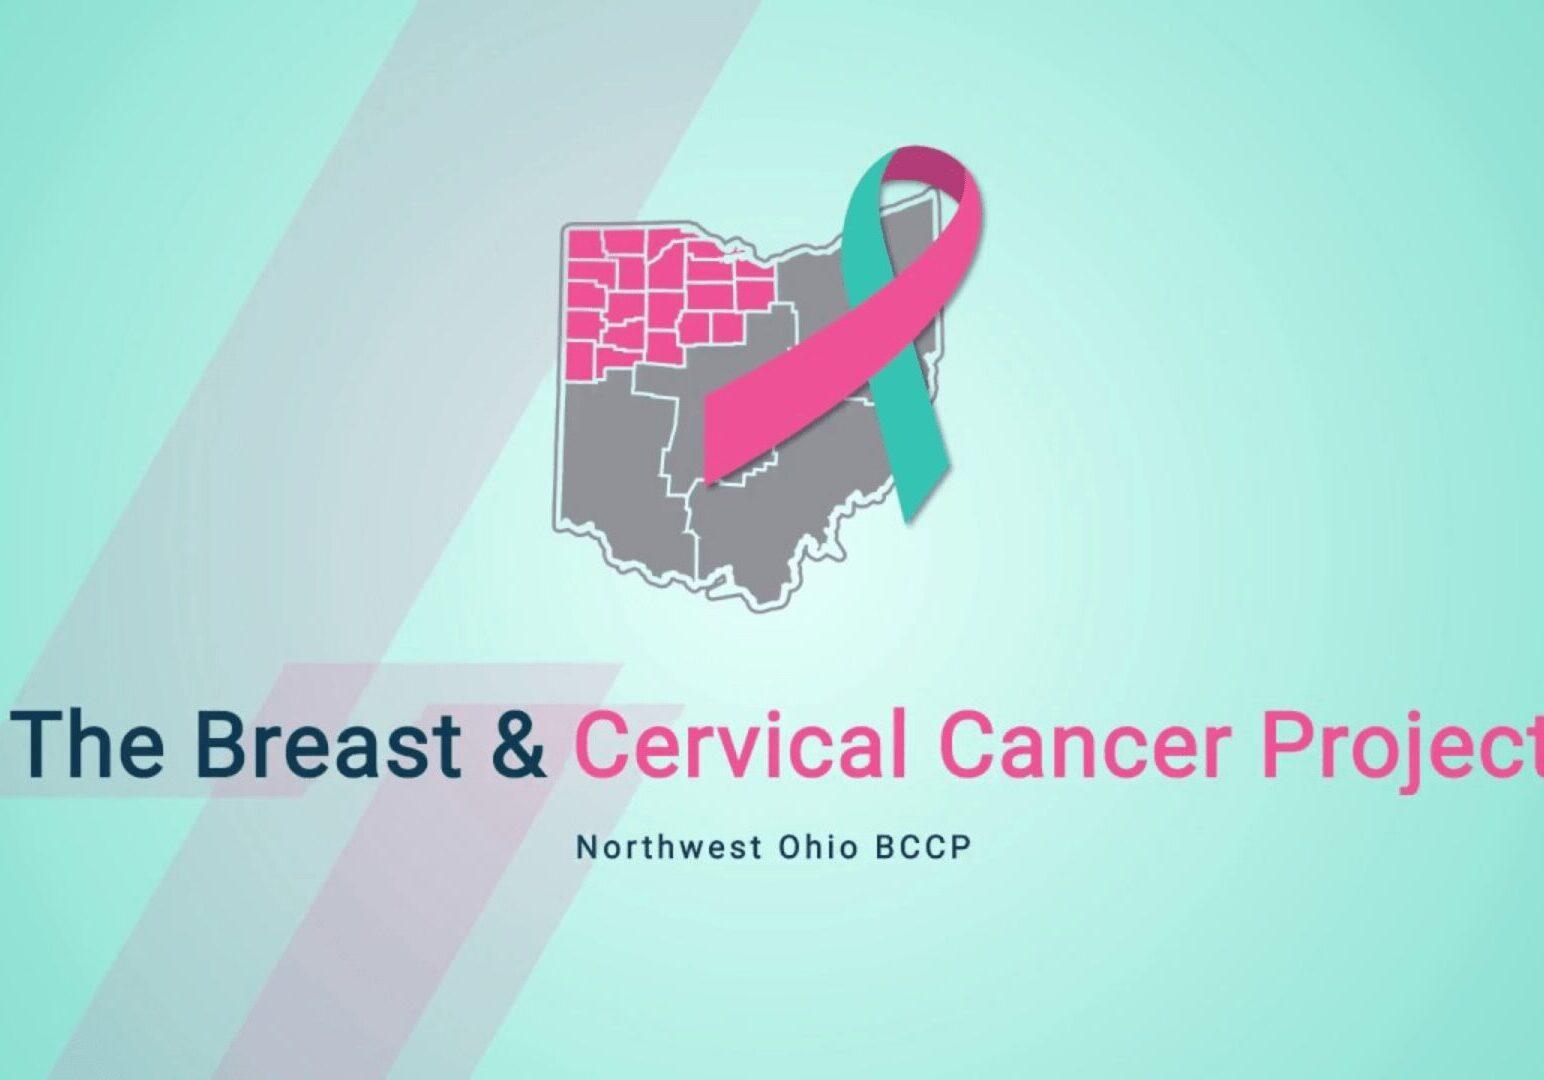 Ohio BCCP